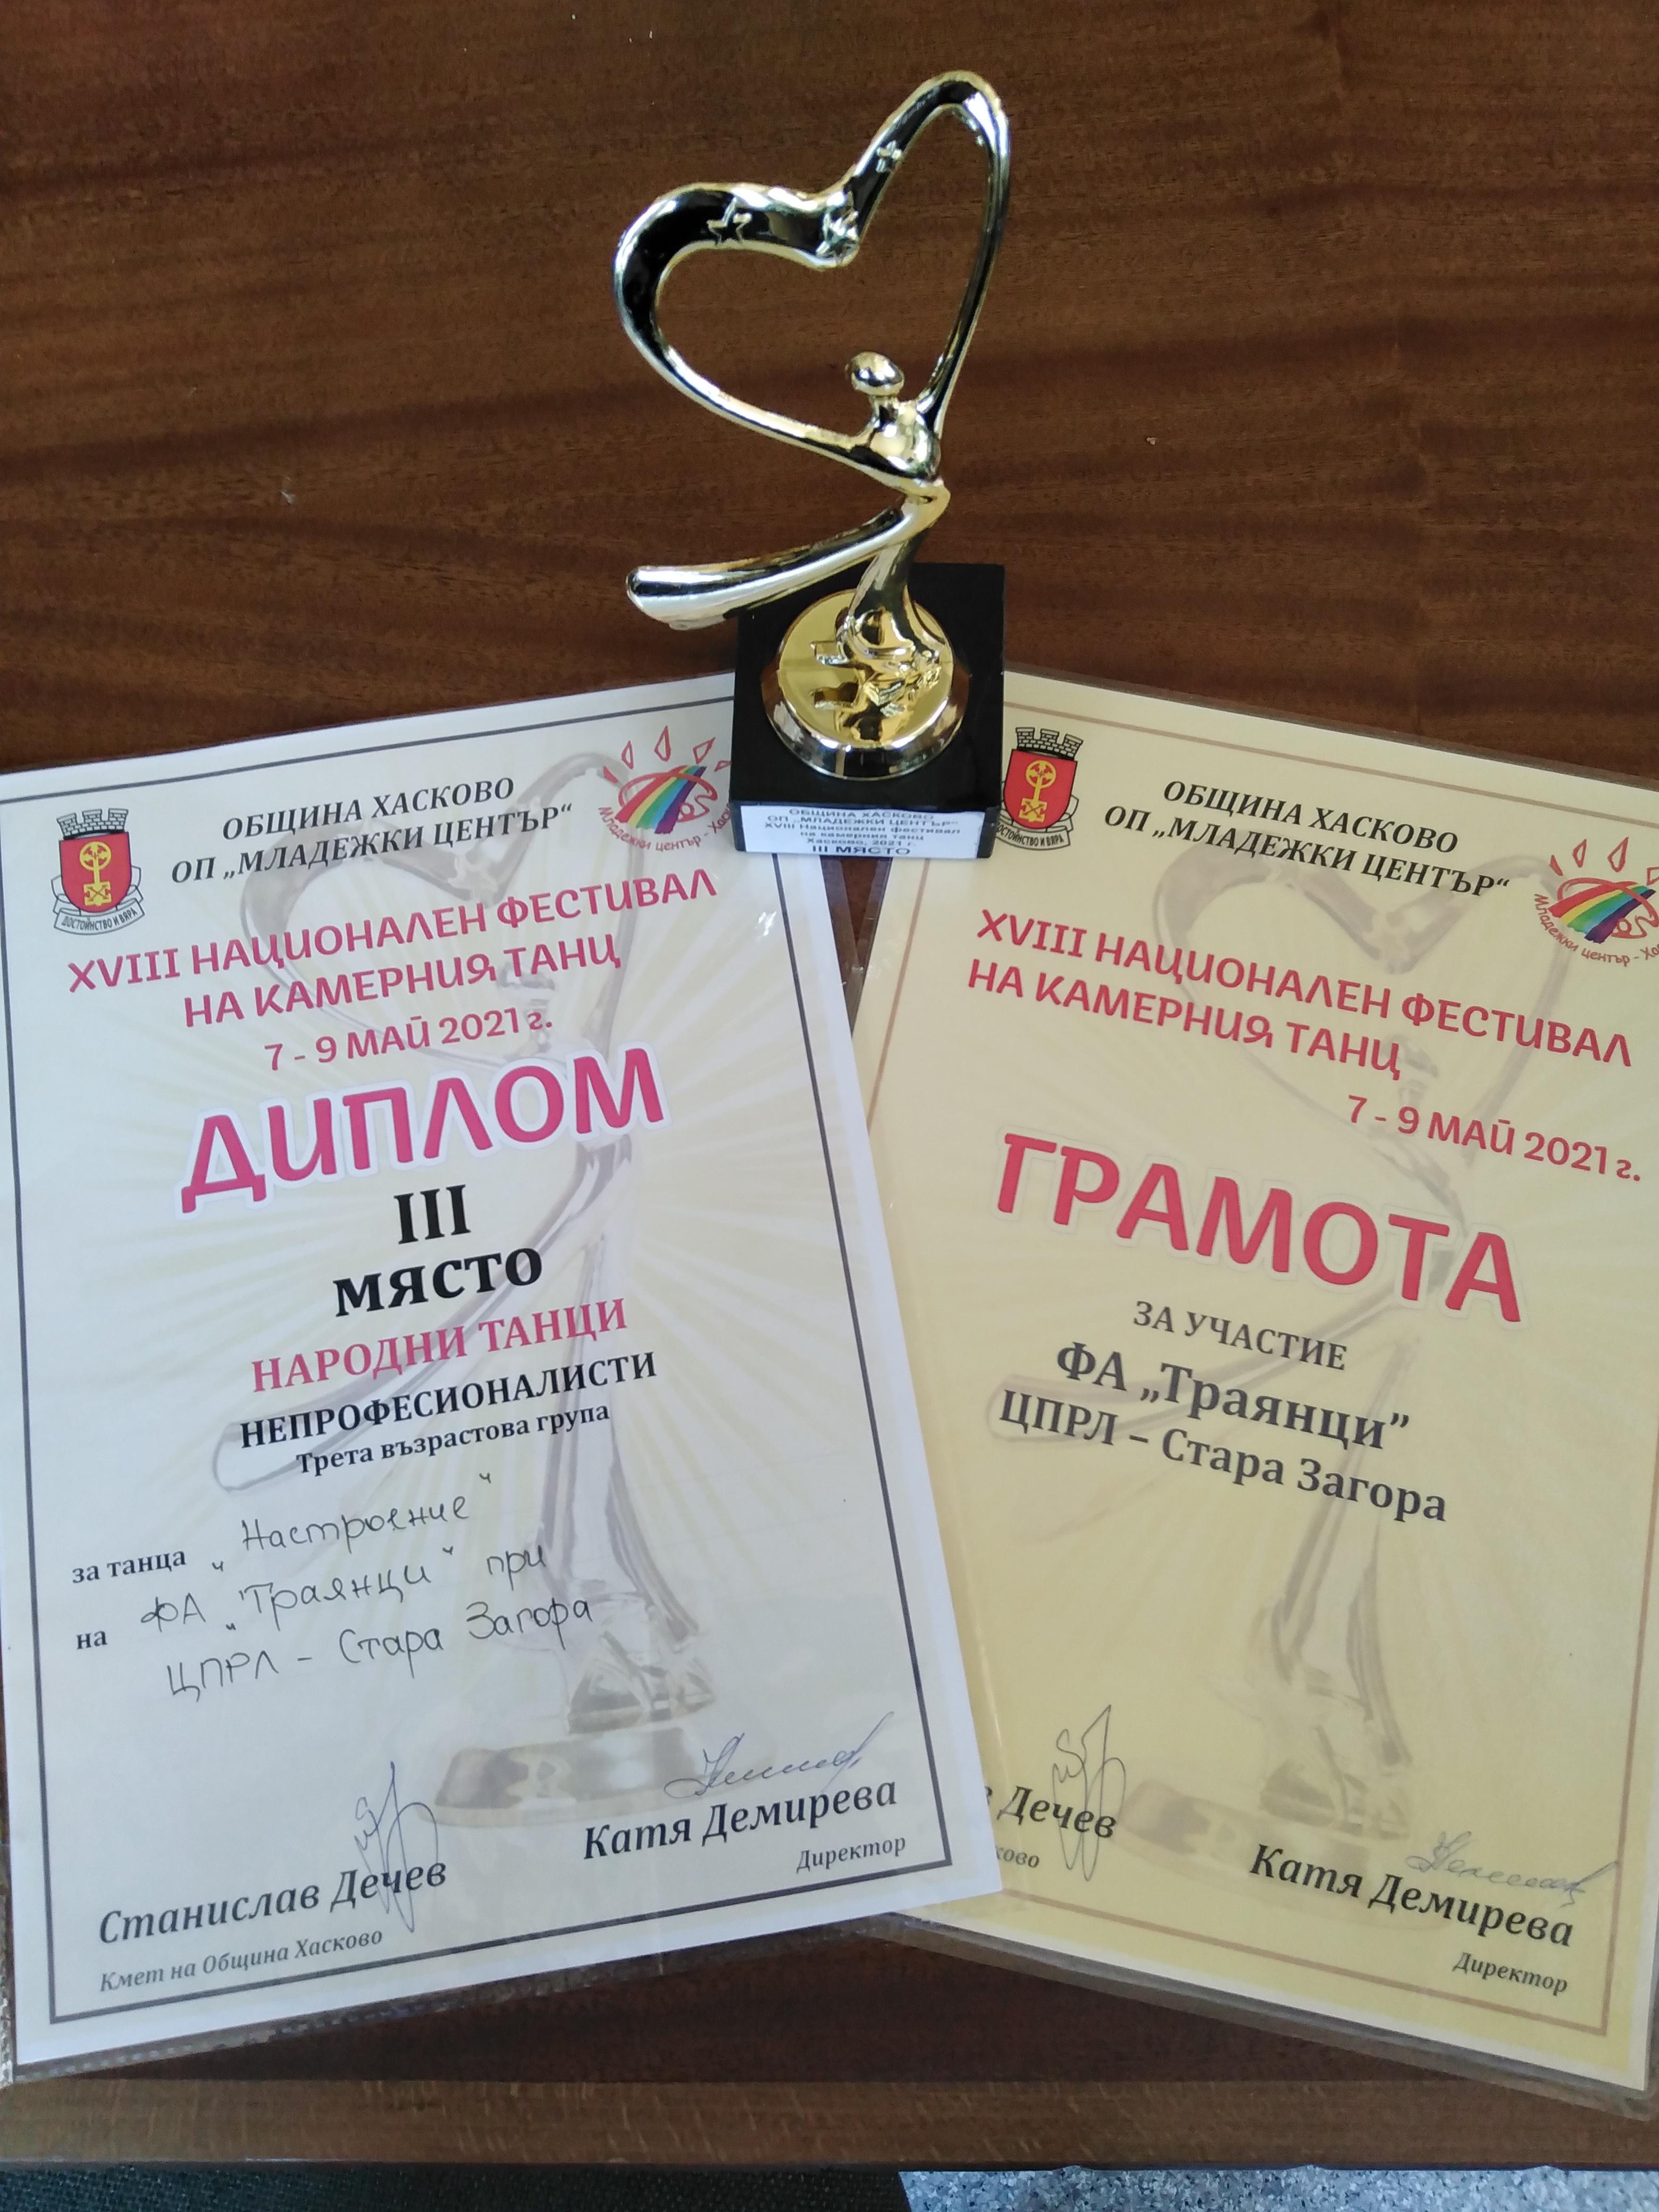 Старозагорски танцьори спечелиха награда от Национален фестивал